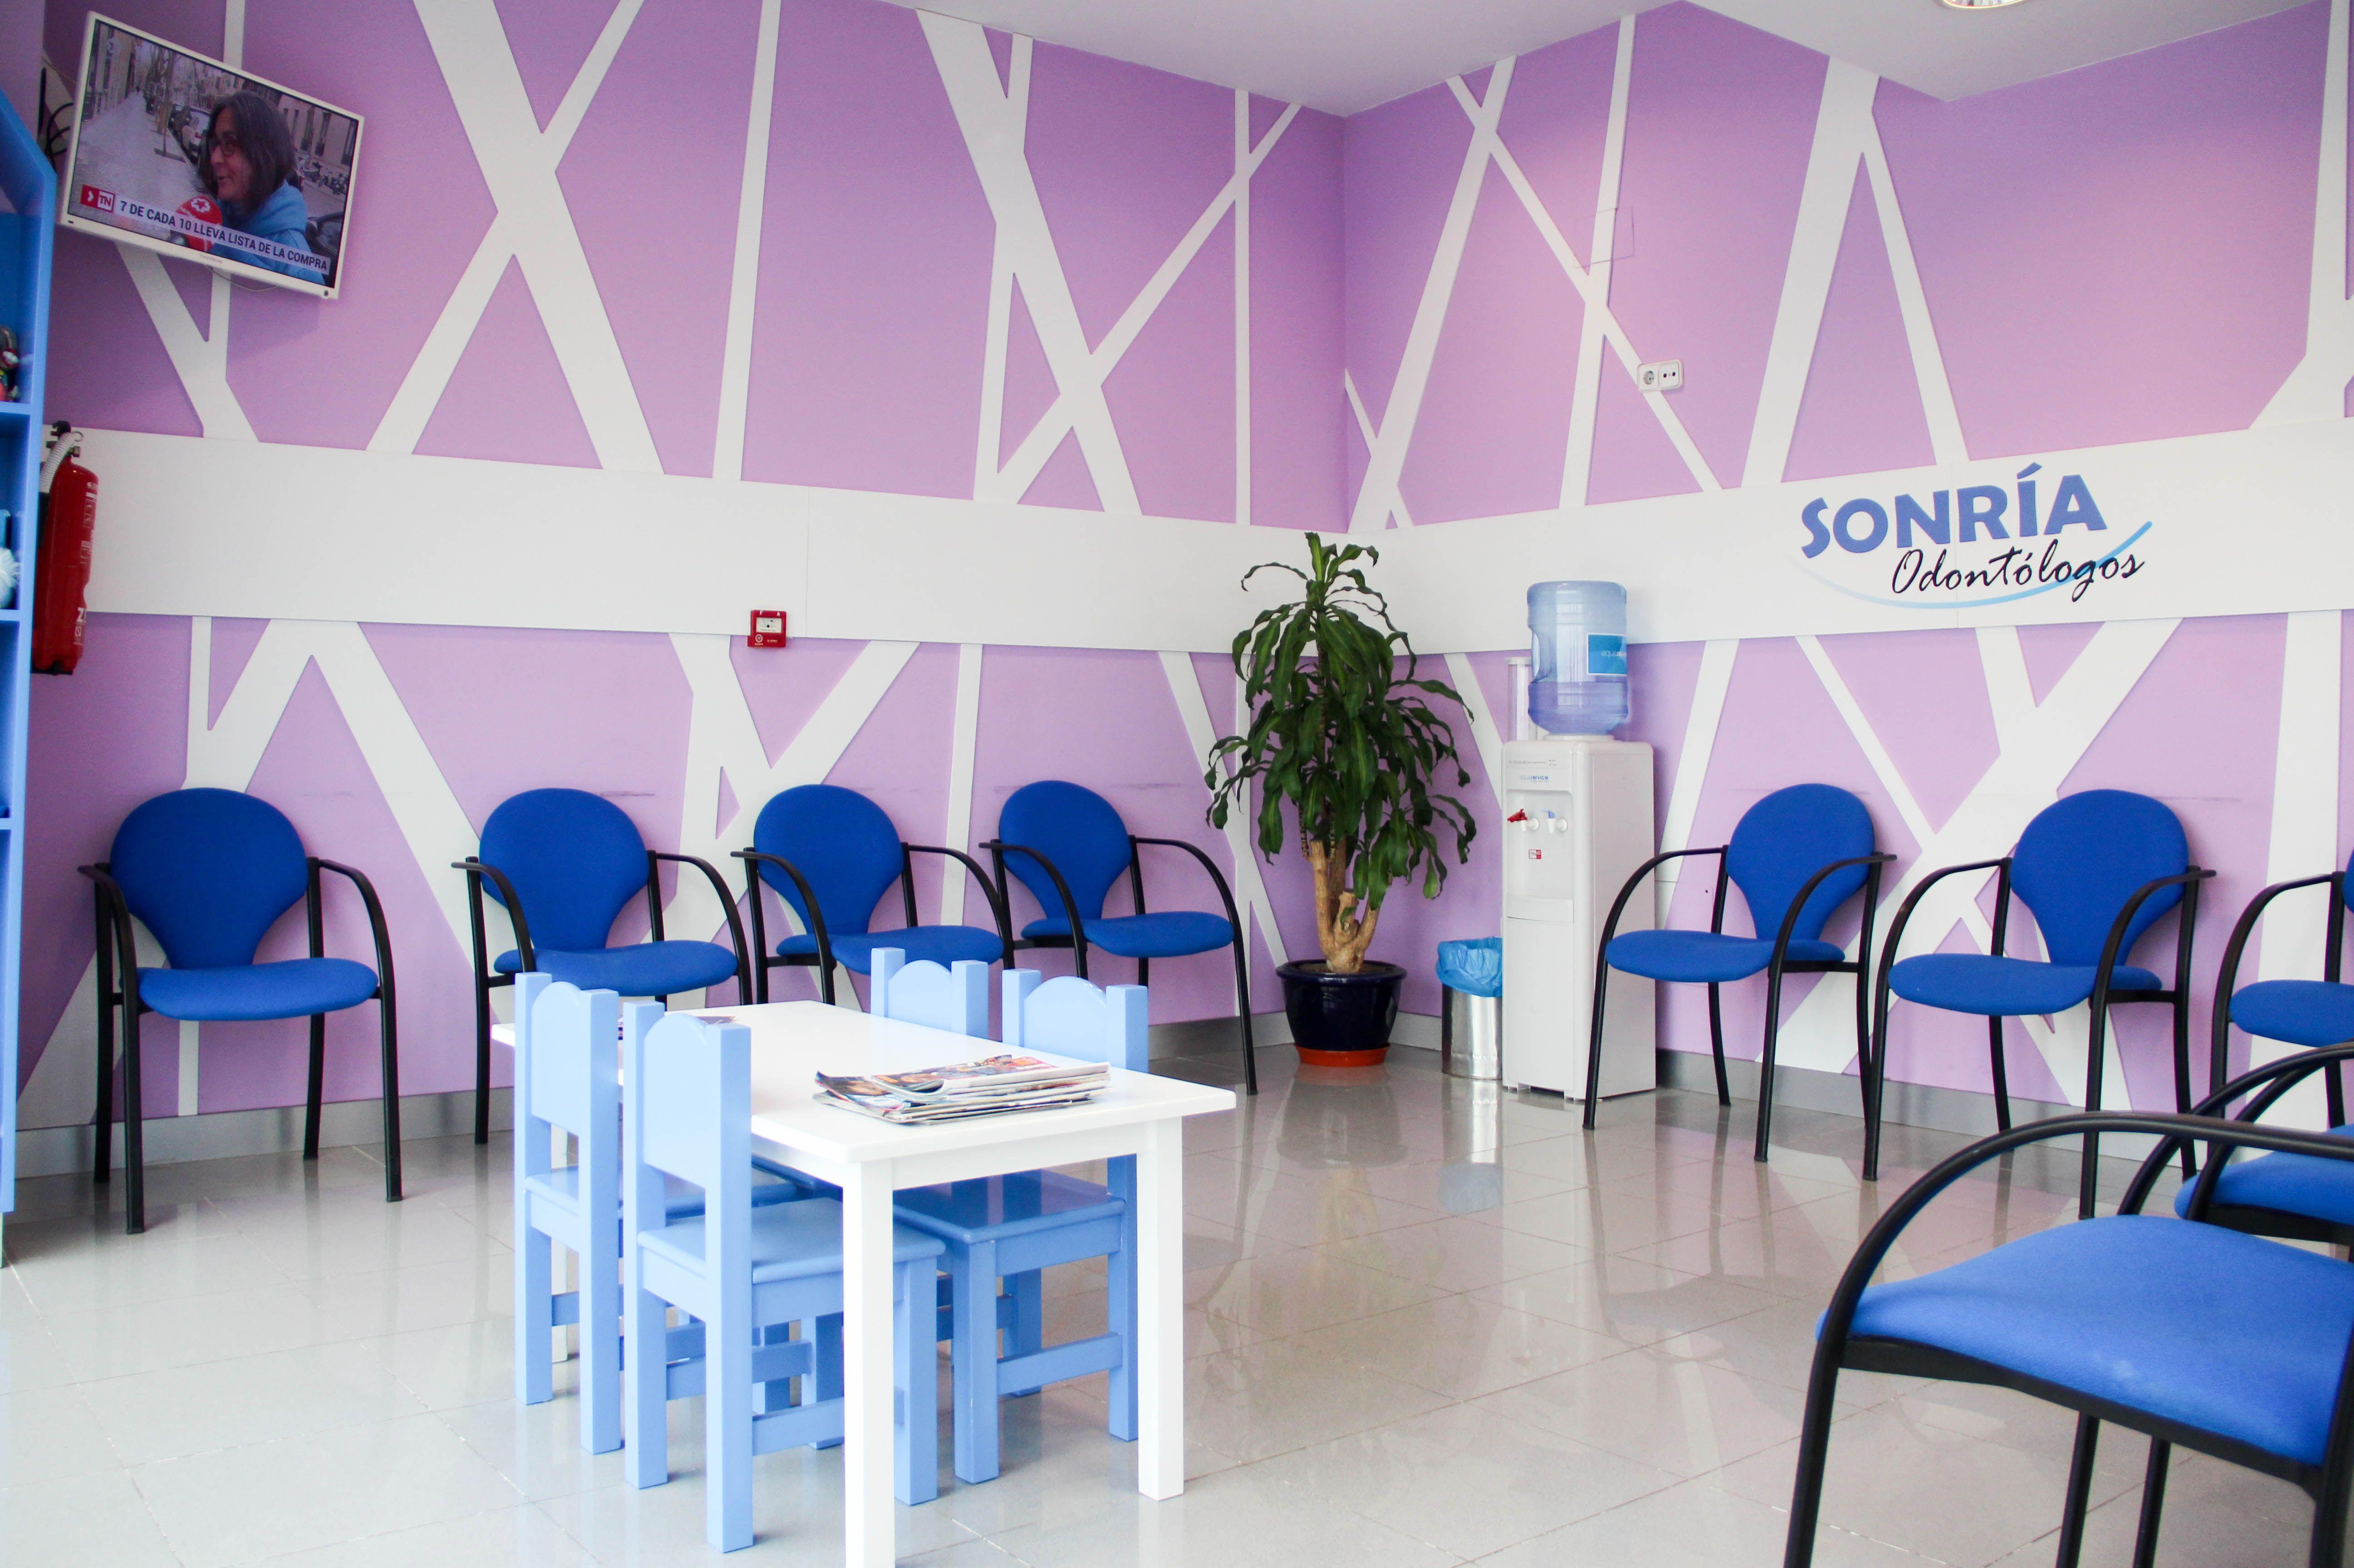 Sala de espera de nuestra clínica dental